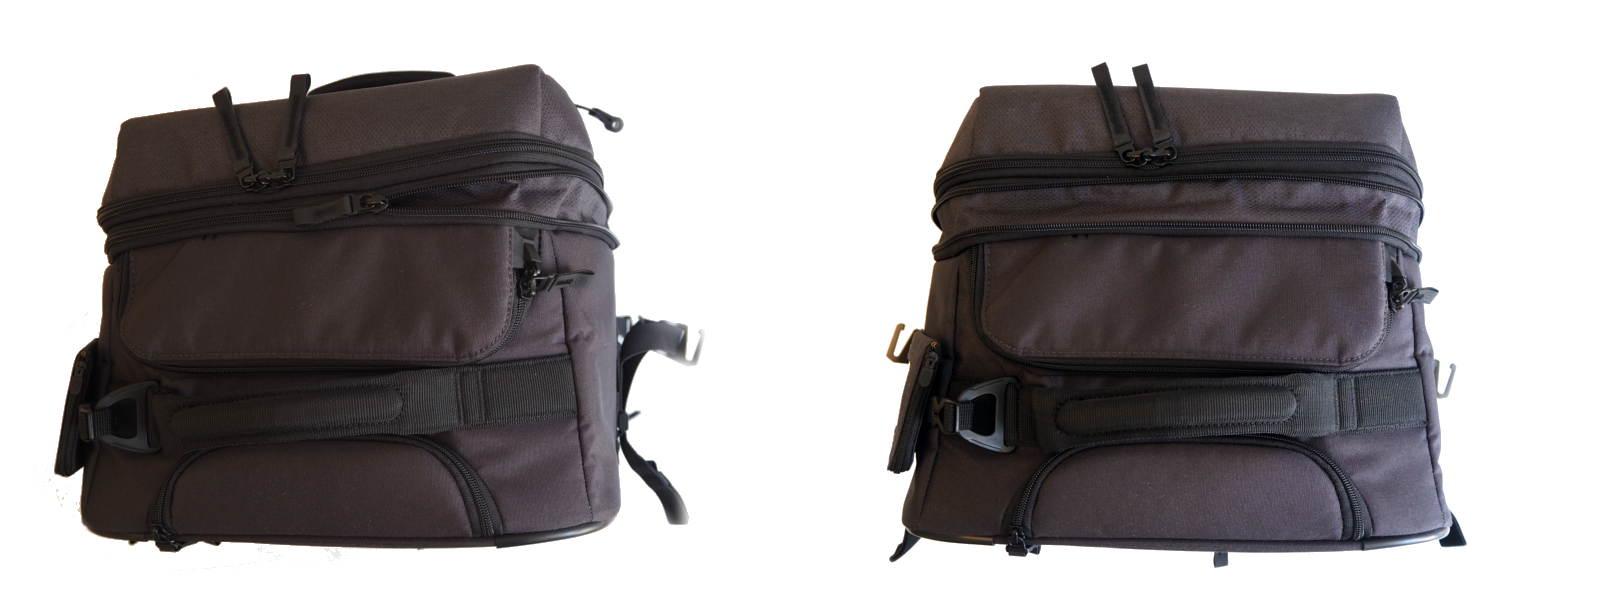 Reisetasche lässt sich über einen Reißverschluss vergrößern